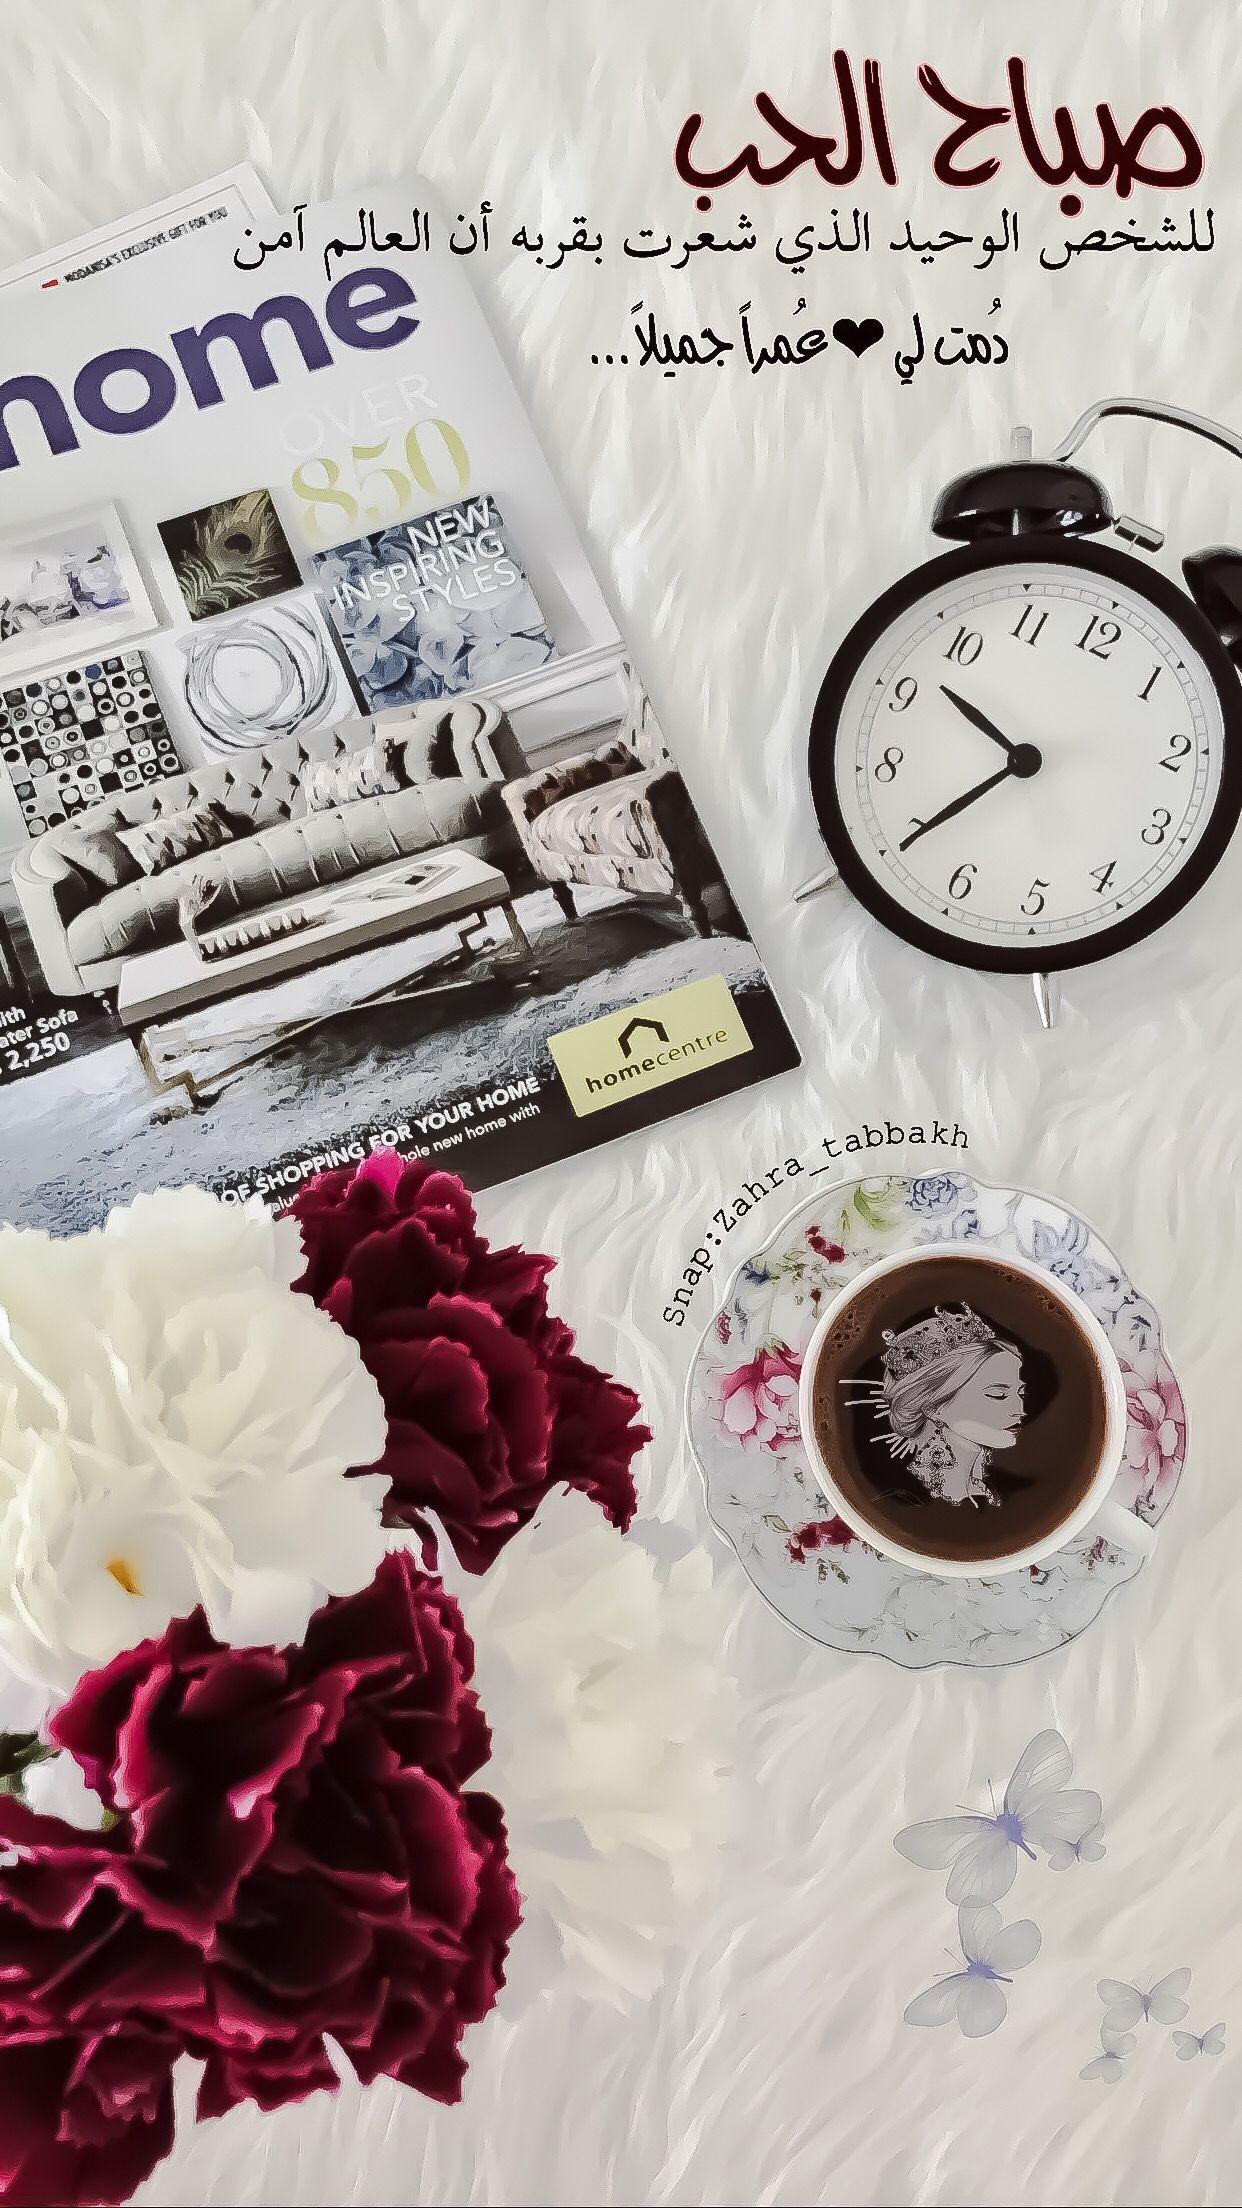 صورة احلى صباح للحبيب , كلمات صباحية رومانسية و رائعة للحبيب 1780 6